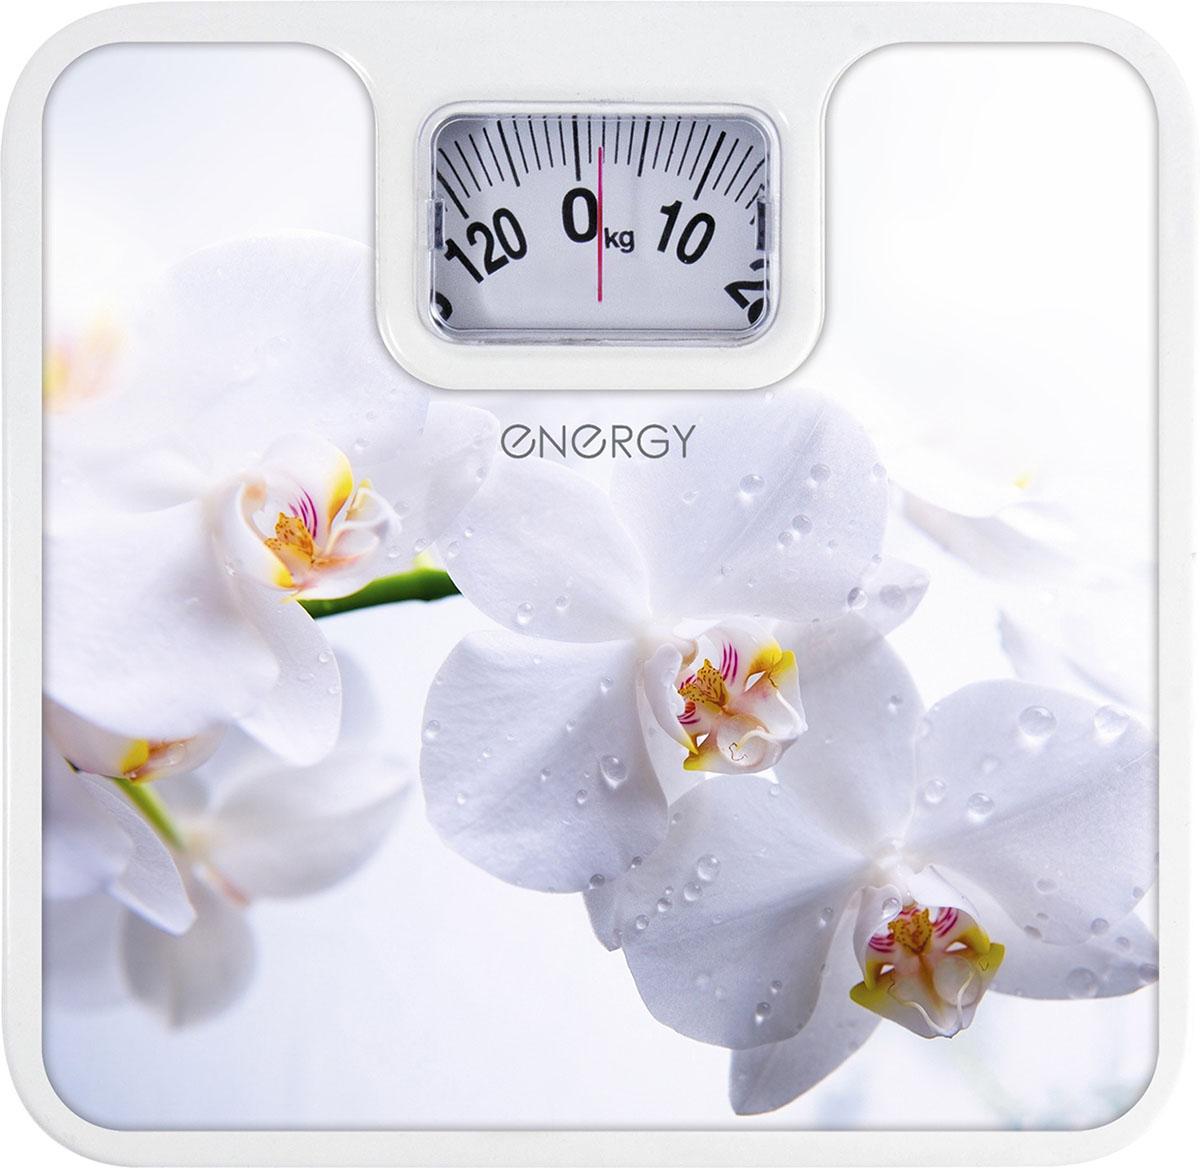 Energy ENМ-409Е напольные весы54 003118Напольные механические весы Energy ENМ-409E - неотъемлемый атрибут здорового образа жизни. Они необходимы тем, кто следит за своим здоровьем, весом, ведет активный образ жизни, занимается спортом и фитнесом. Очень удобны для будущих мам, постоянно контролирующих прибавку в весе, также рекомендуются родителям, внимательно следящим за весом своих детей.Надежный механизмКрупный шрифт надписей на шкалеЦена деления: 1 кг